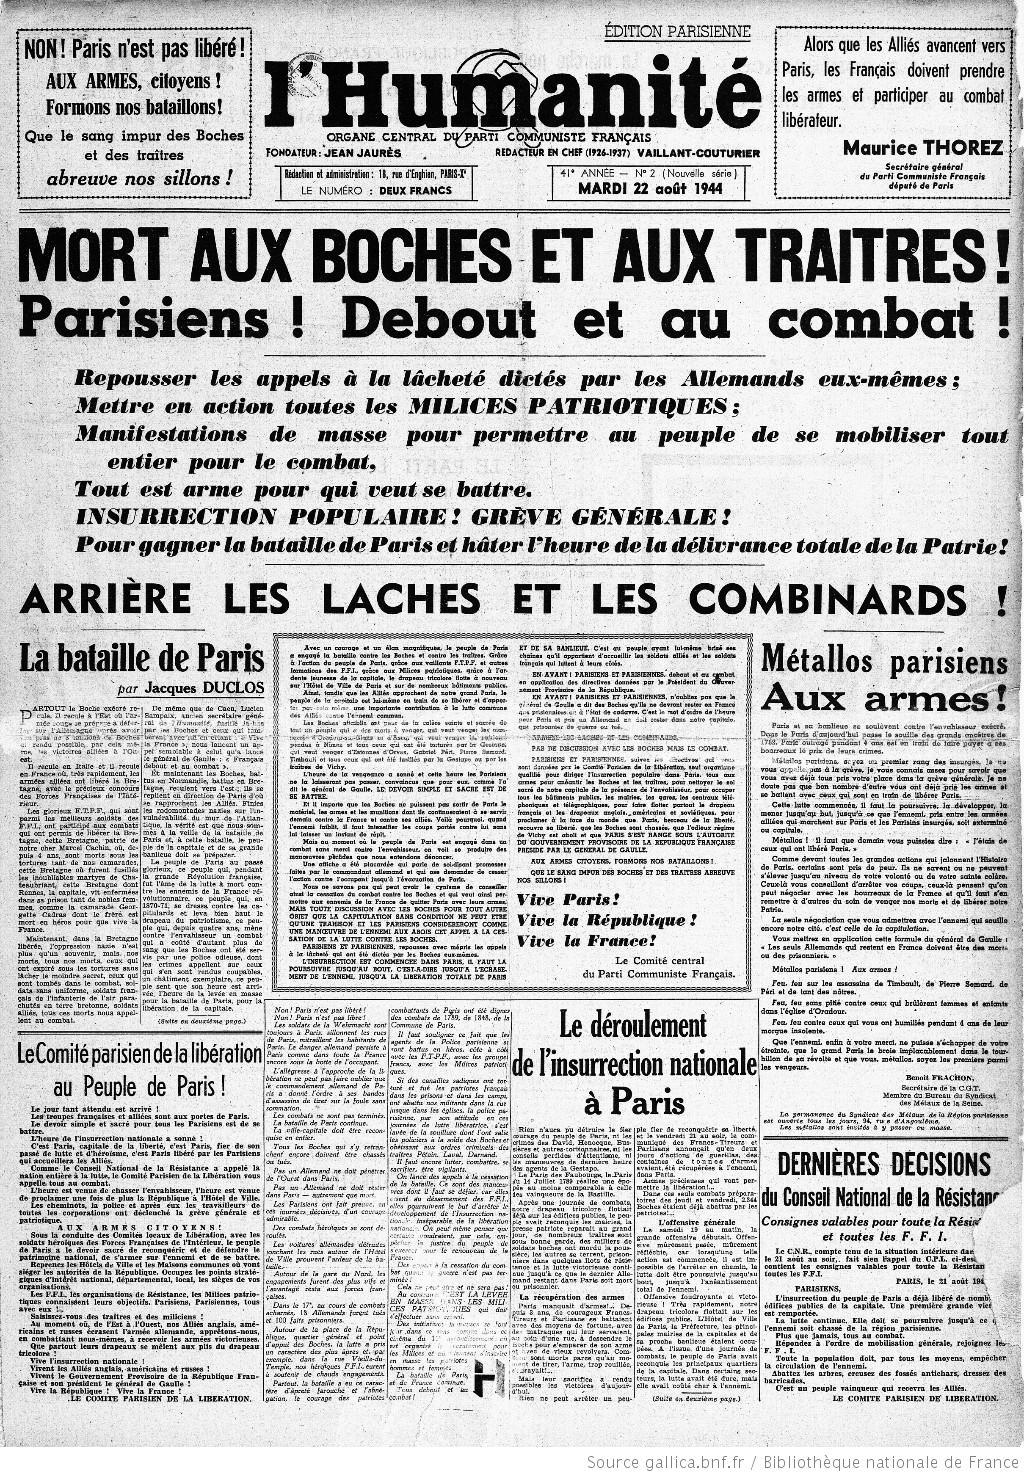 L'Humanité du 22 août 1944 © BNF